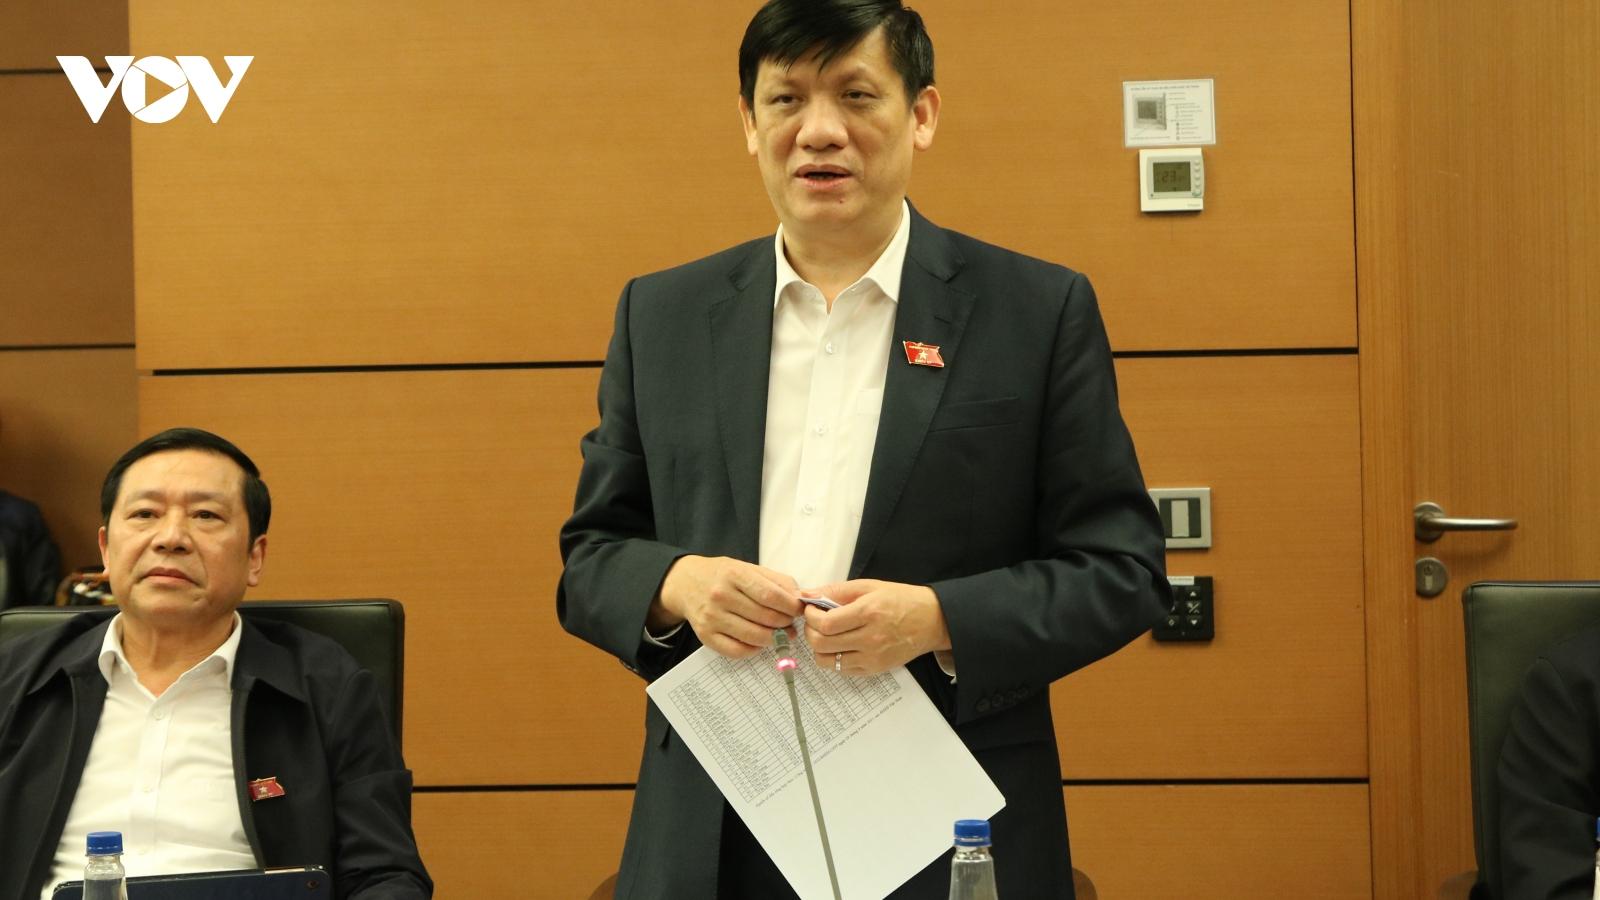 Bộ trưởng Bộ Y tế: Việt Nam khởi động bảo hiểm y tế muộn nhưng độ bao phủ tăng nhanh